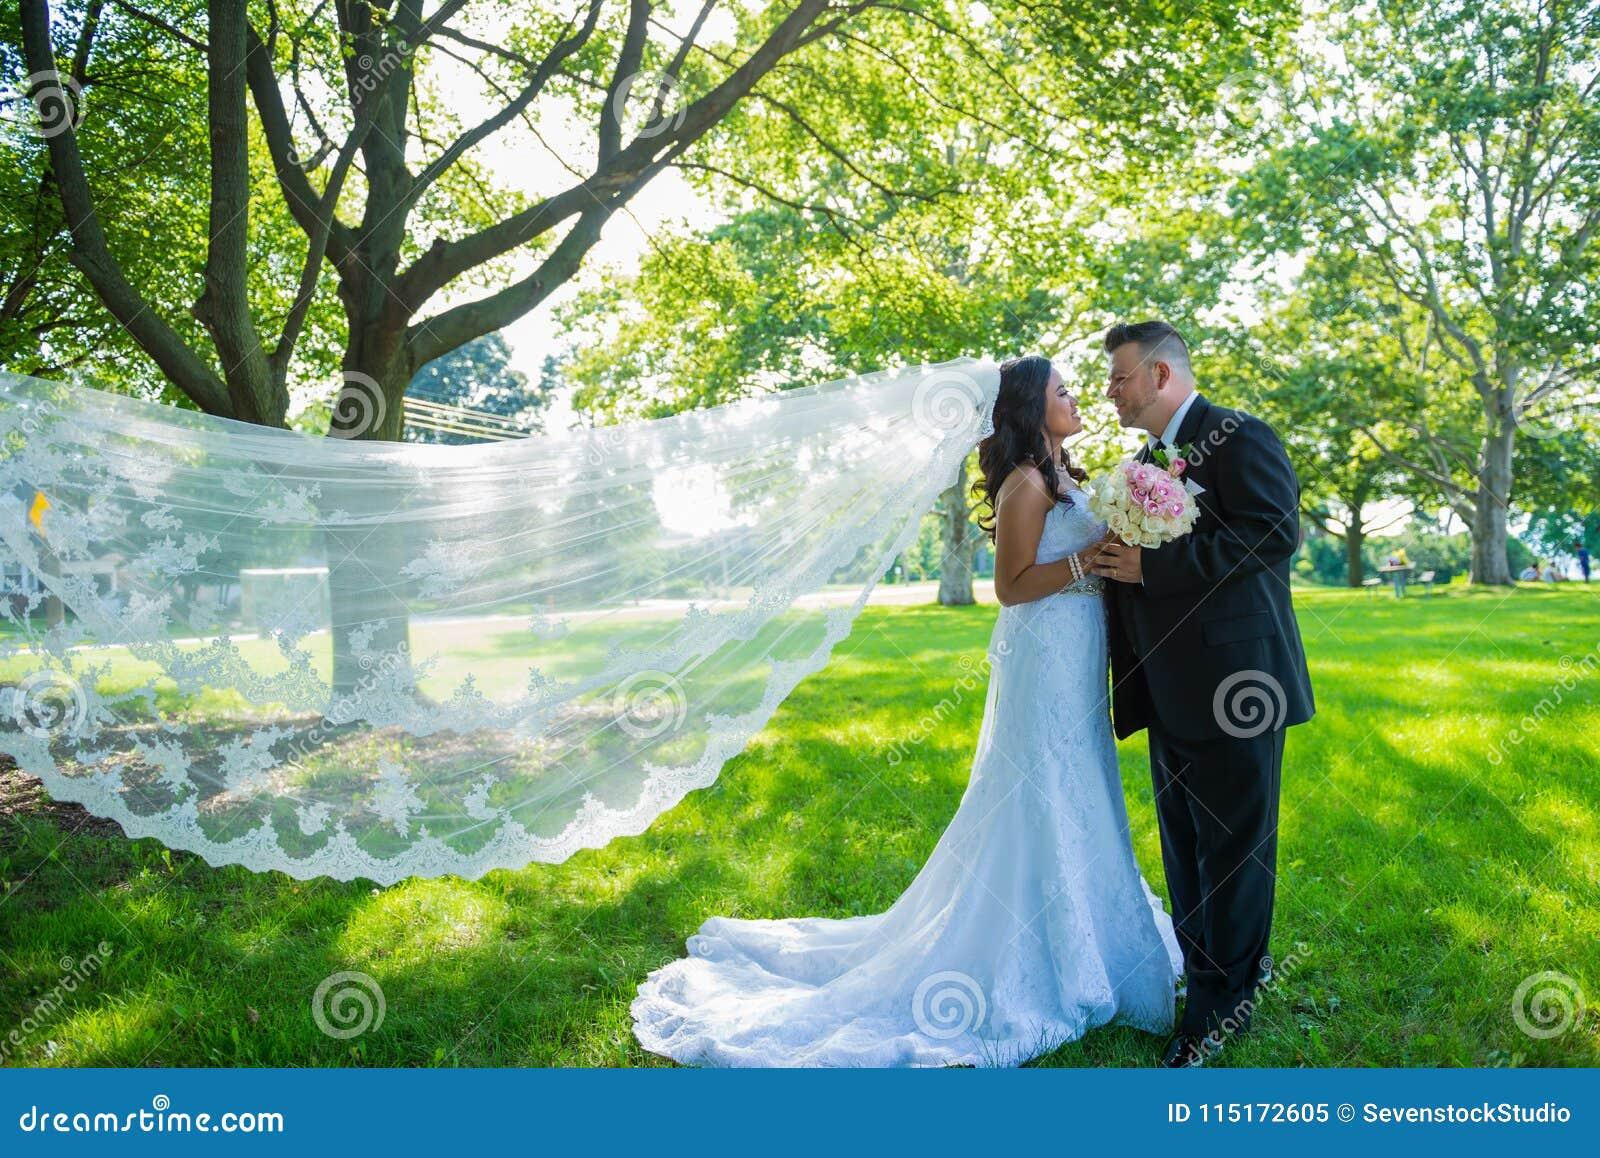 Gelukkig jonggehuwdepaar die elkaar handen houden, bruid en bruidegom die met sluier onder ogen zien die in de wind blazen